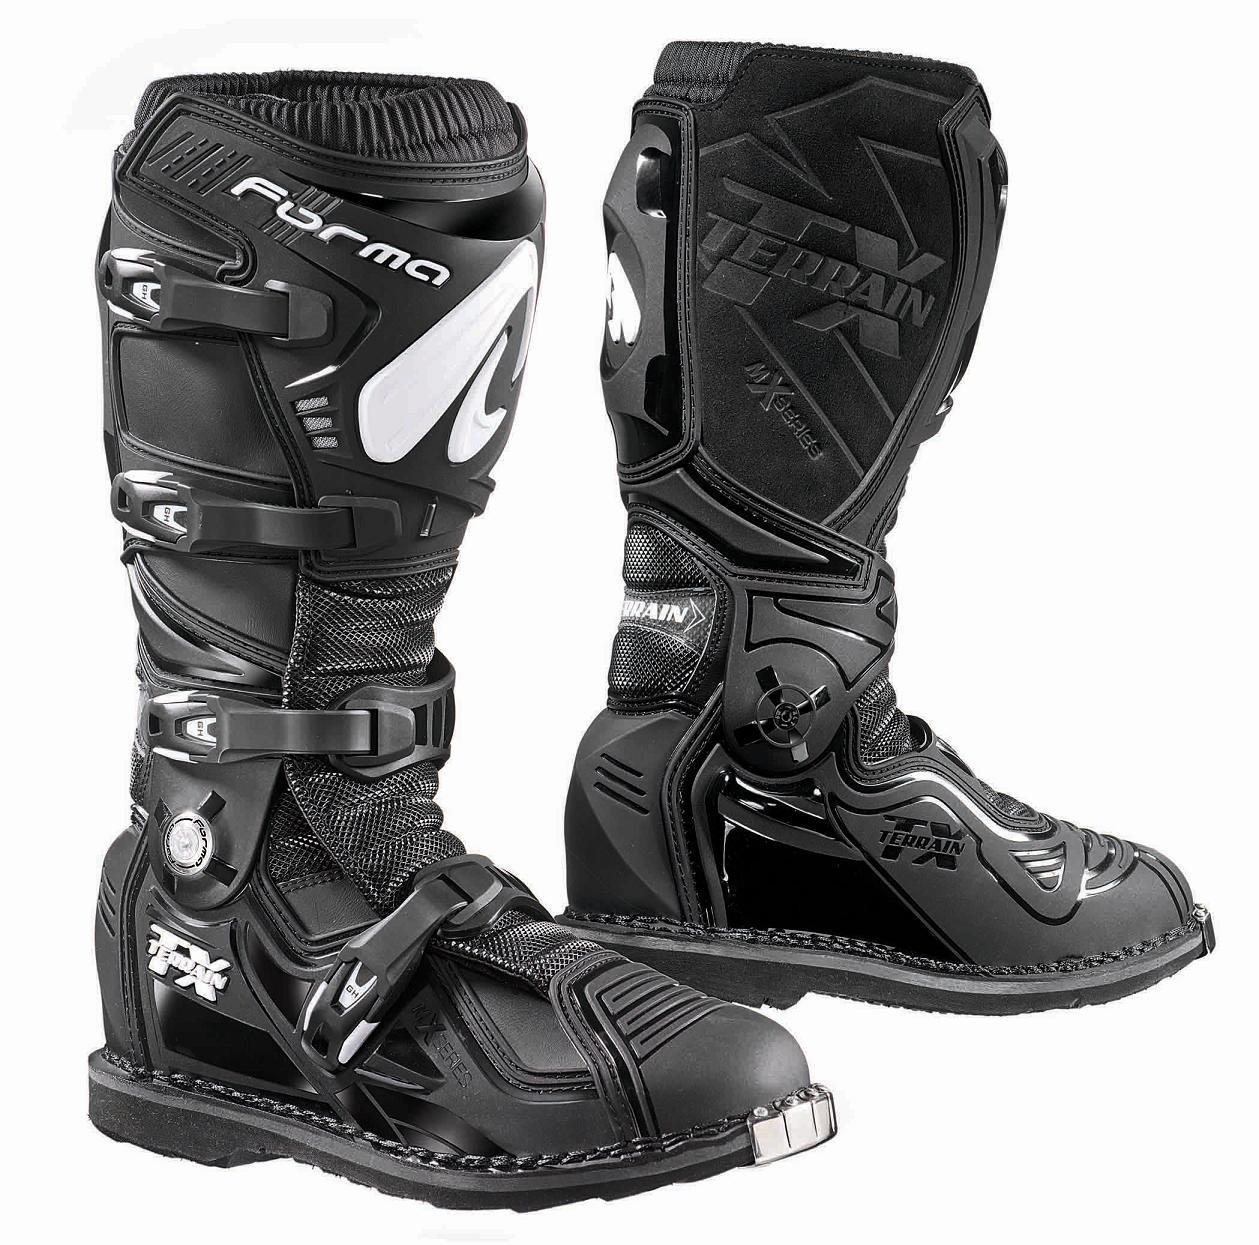 Мотоботы кроссовые Forma Terrain TX черные, 46